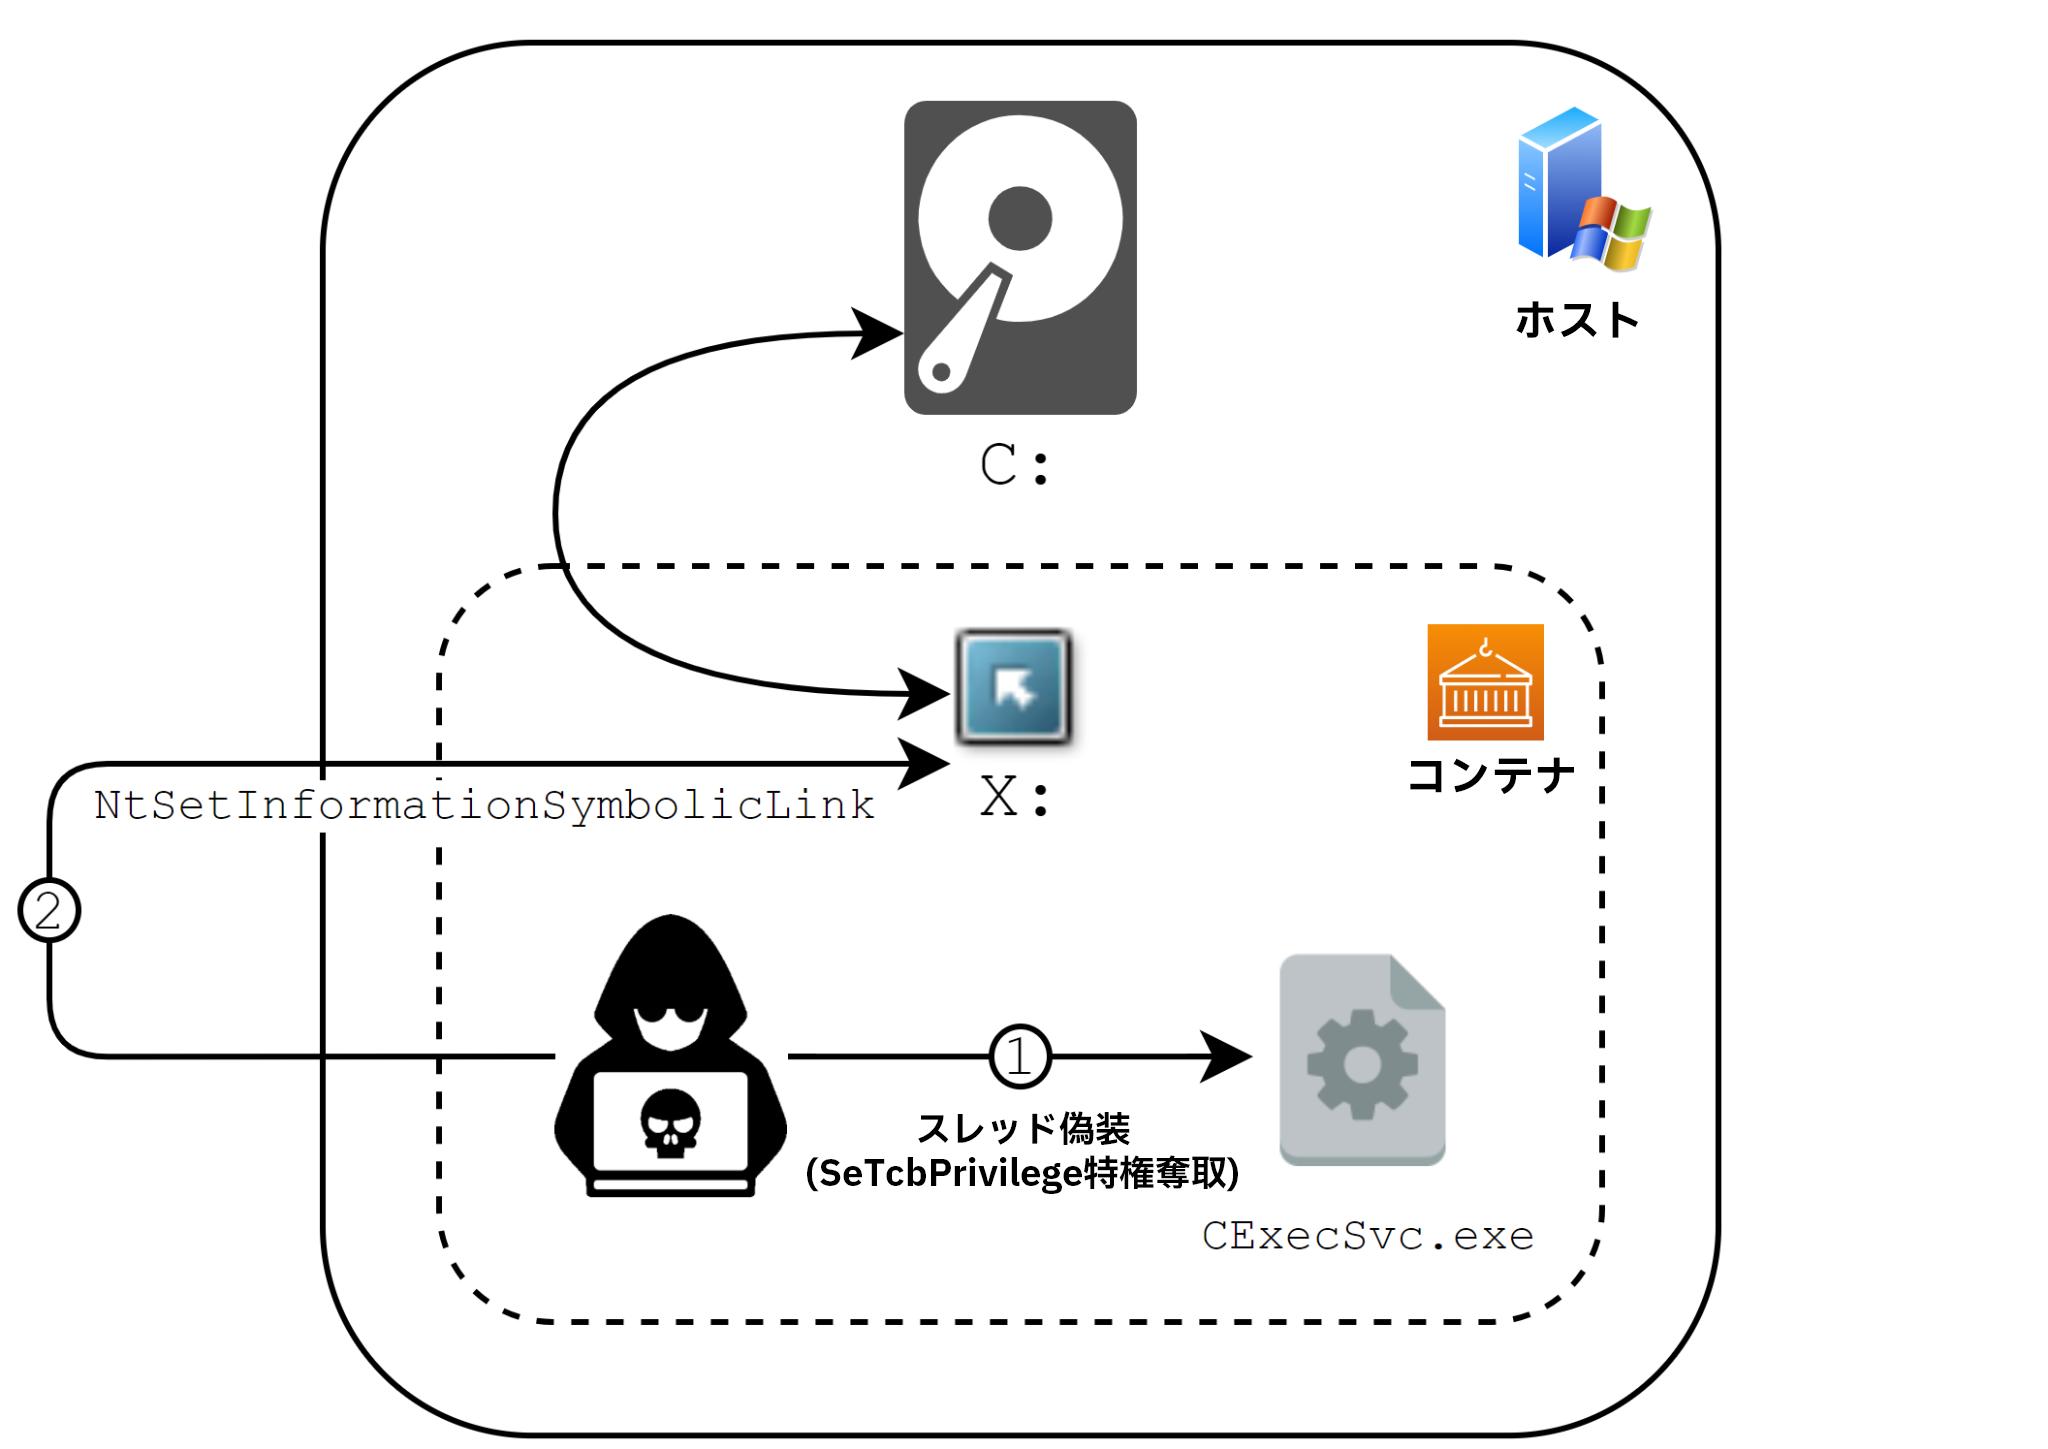 Microsoftがセキュリティ更新プログラムを適用したWindowsコンテナエスケープの実行フローを示します。図が示すとおりNtSetInformationSymbolicLinkの使用に依存している